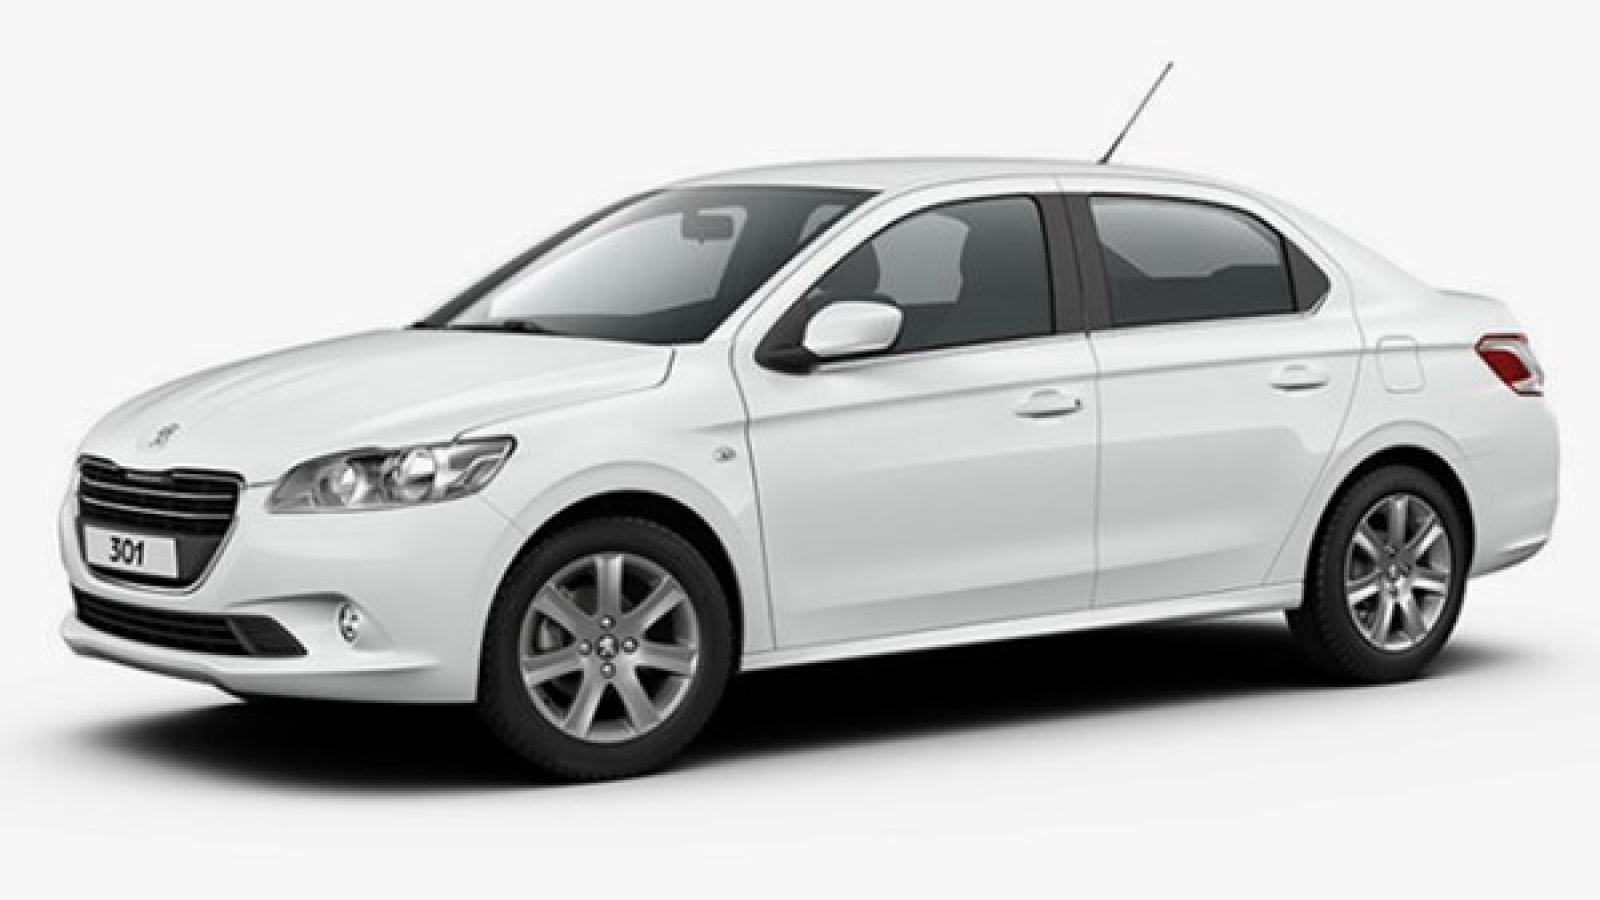 پژو 301 سال آینده در ایران به فروش می رسد - اجاره خودرو طباطبایی